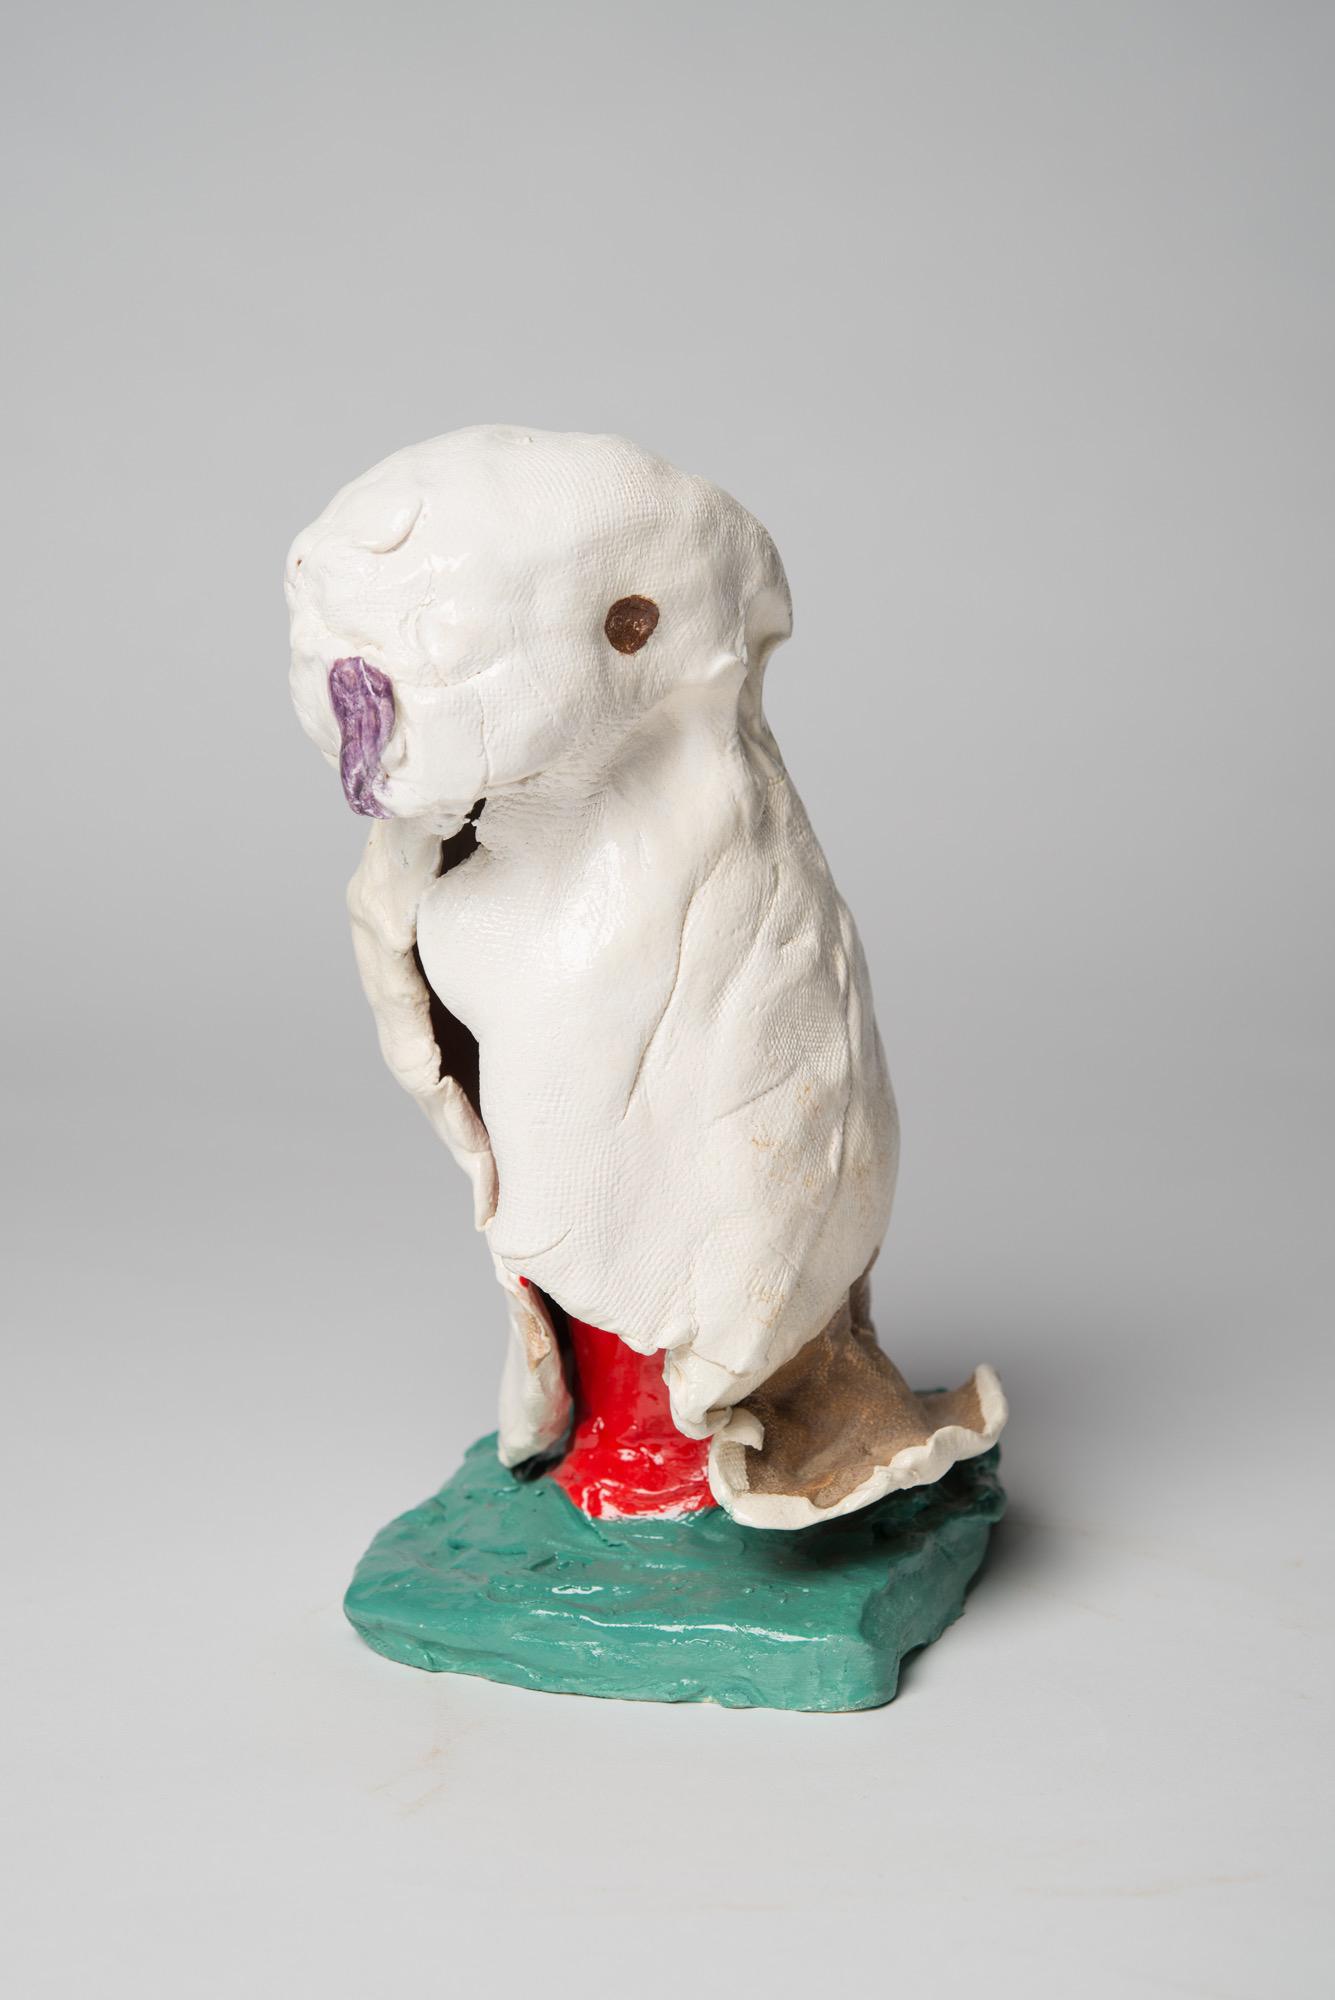 PIE RANKINE  A kookaburra: white state  2015 clay, glaze 25 × 10 × 10 cm